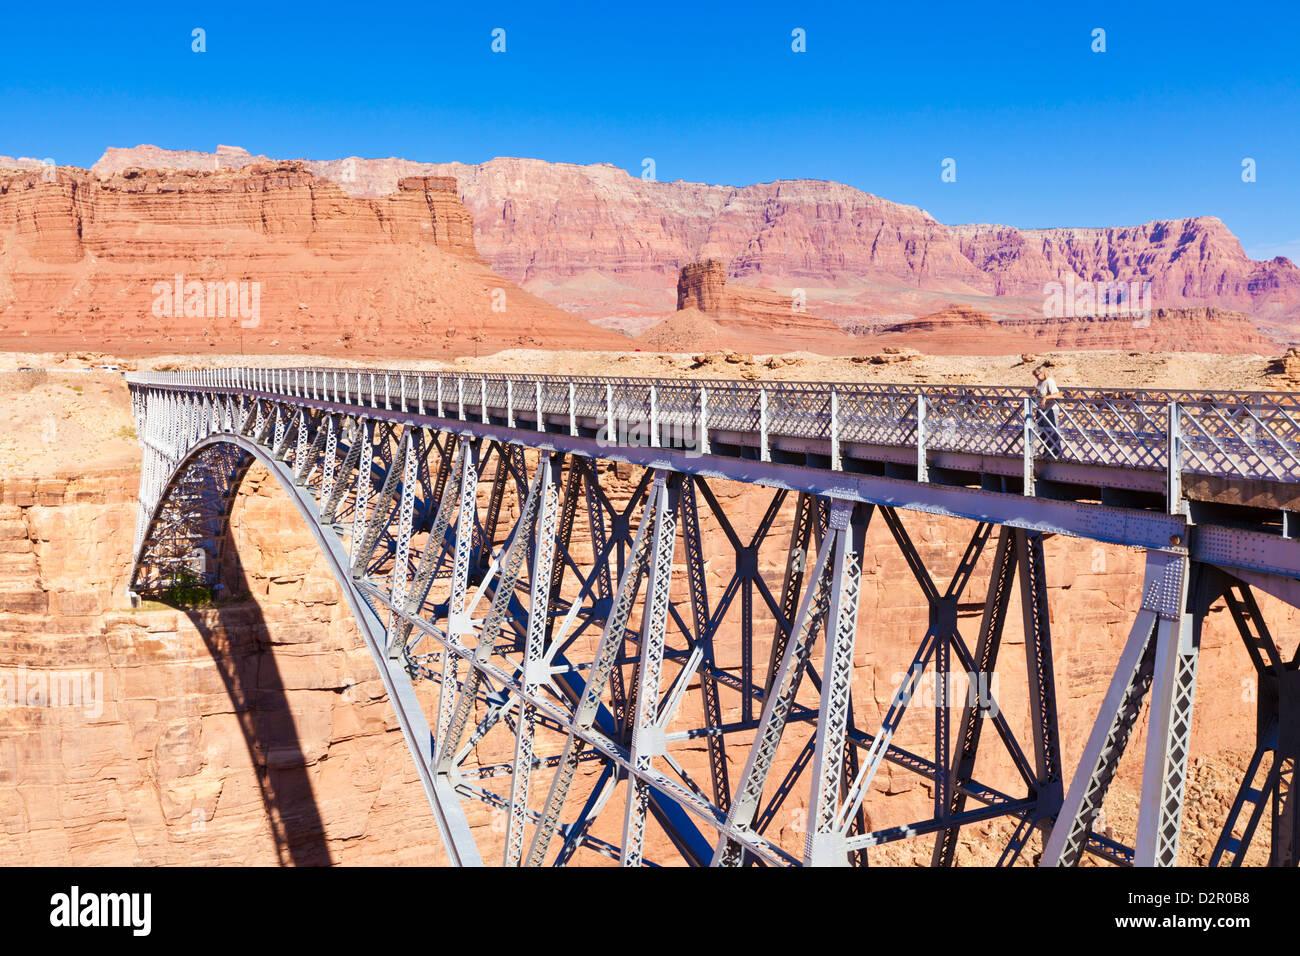 Turista solitario en Navajo viejo puente sobre el Cañón Marble y Río Colorado, cerca de Lees Ferry, Imagen De Stock